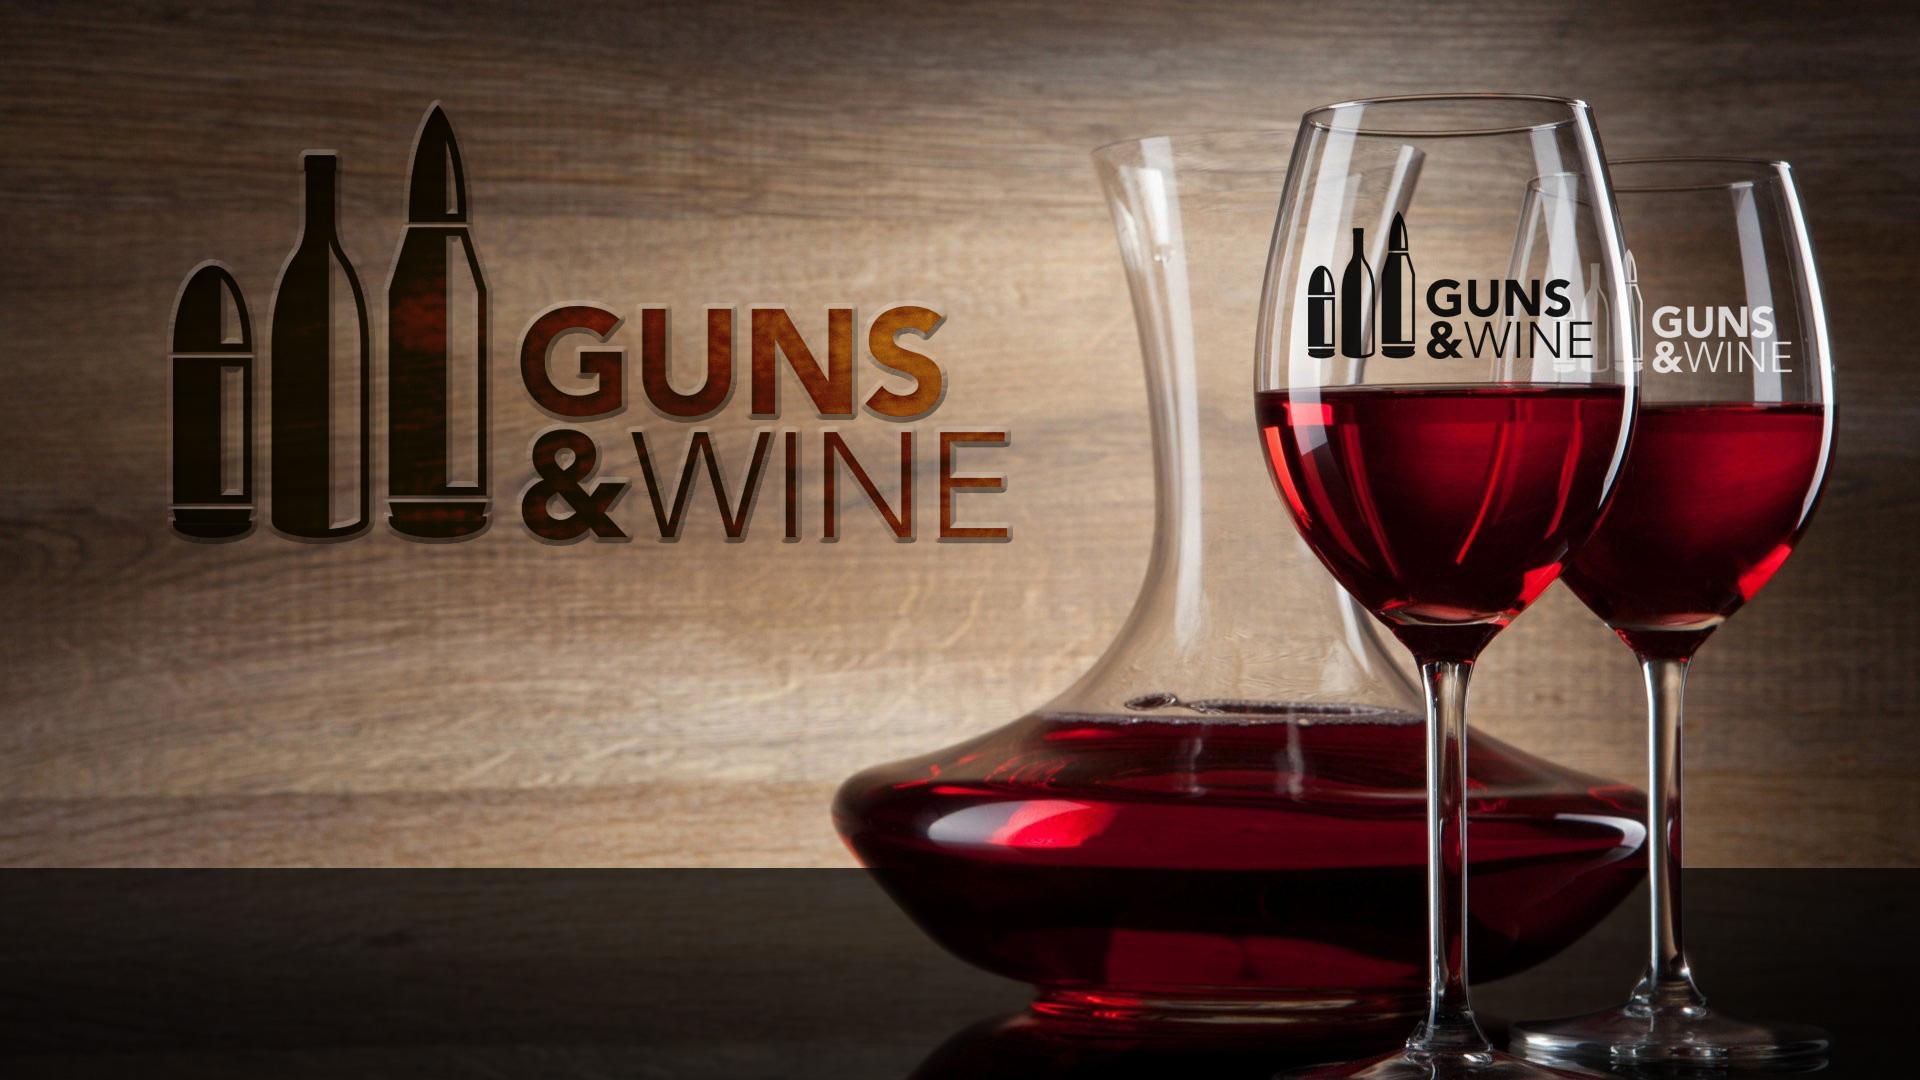 Guns&Wine-Logo-on-glasses.jpg